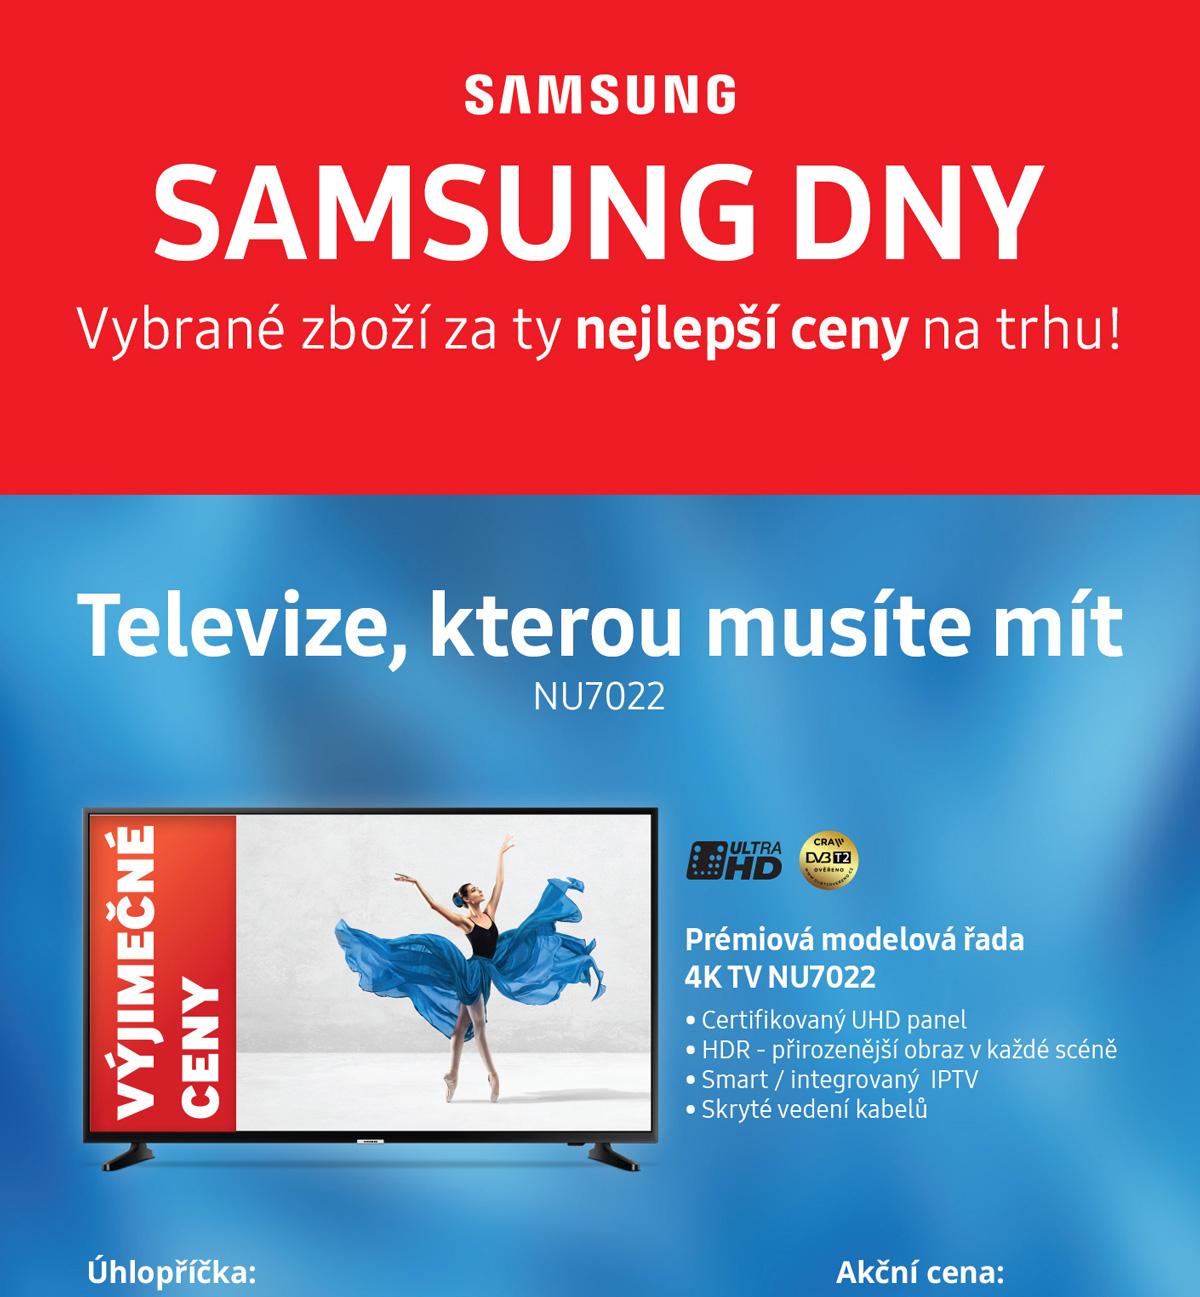 Samsung dny